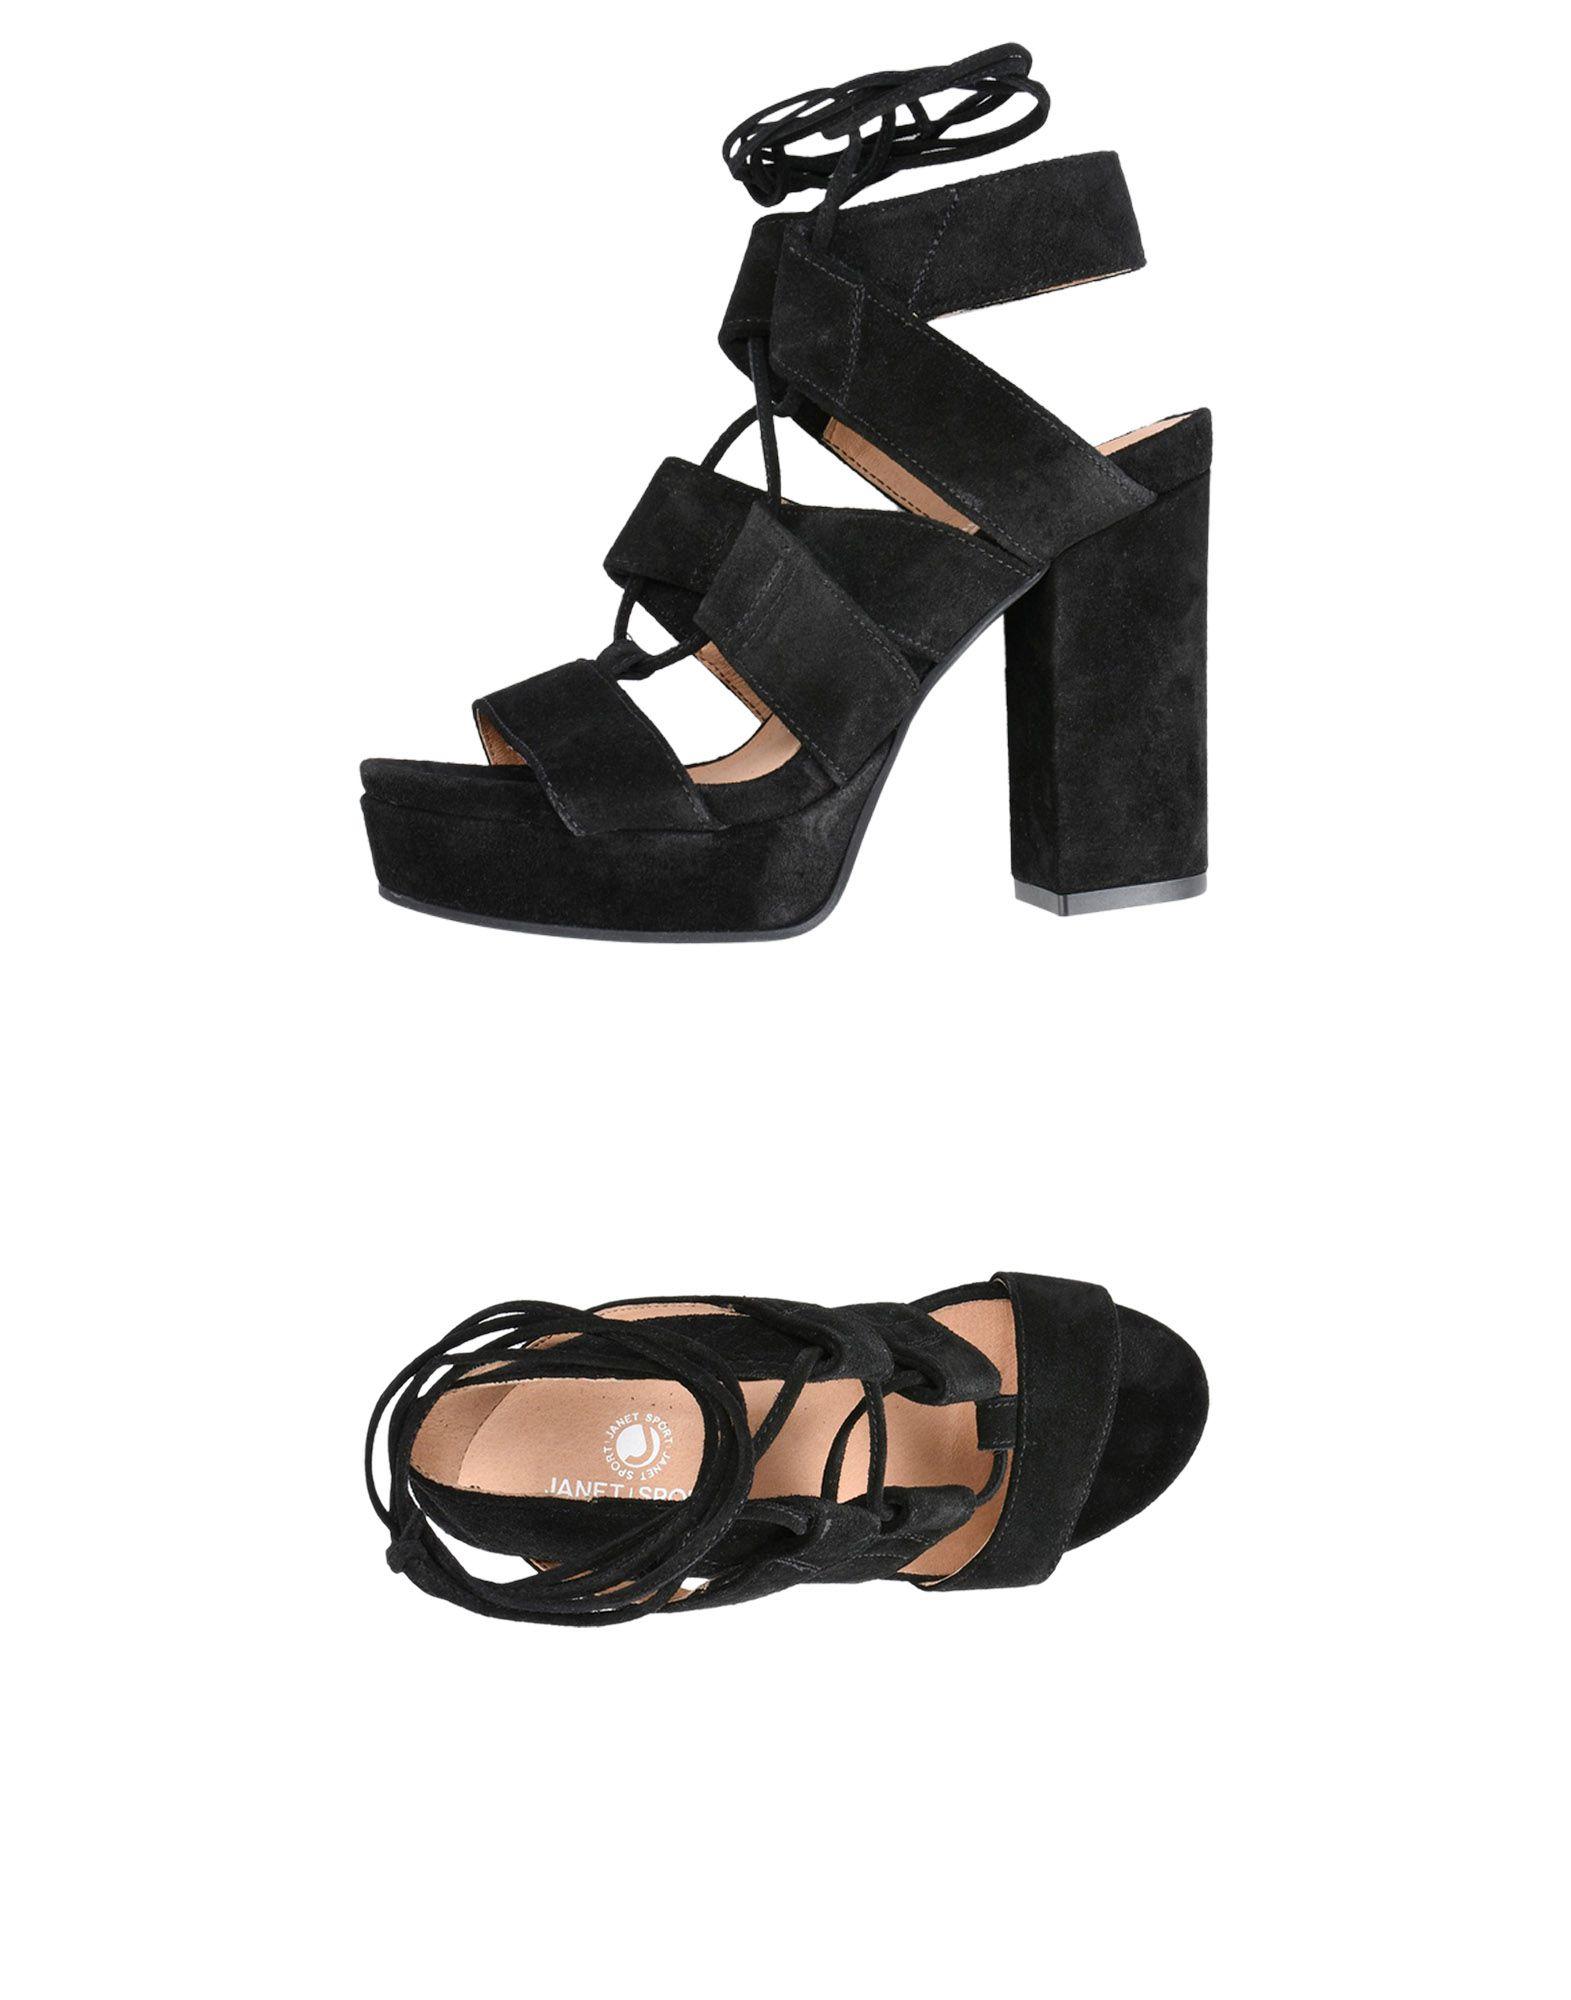 Janet Sport Sandalen Damen  11391259AS Gute Qualität beliebte Schuhe